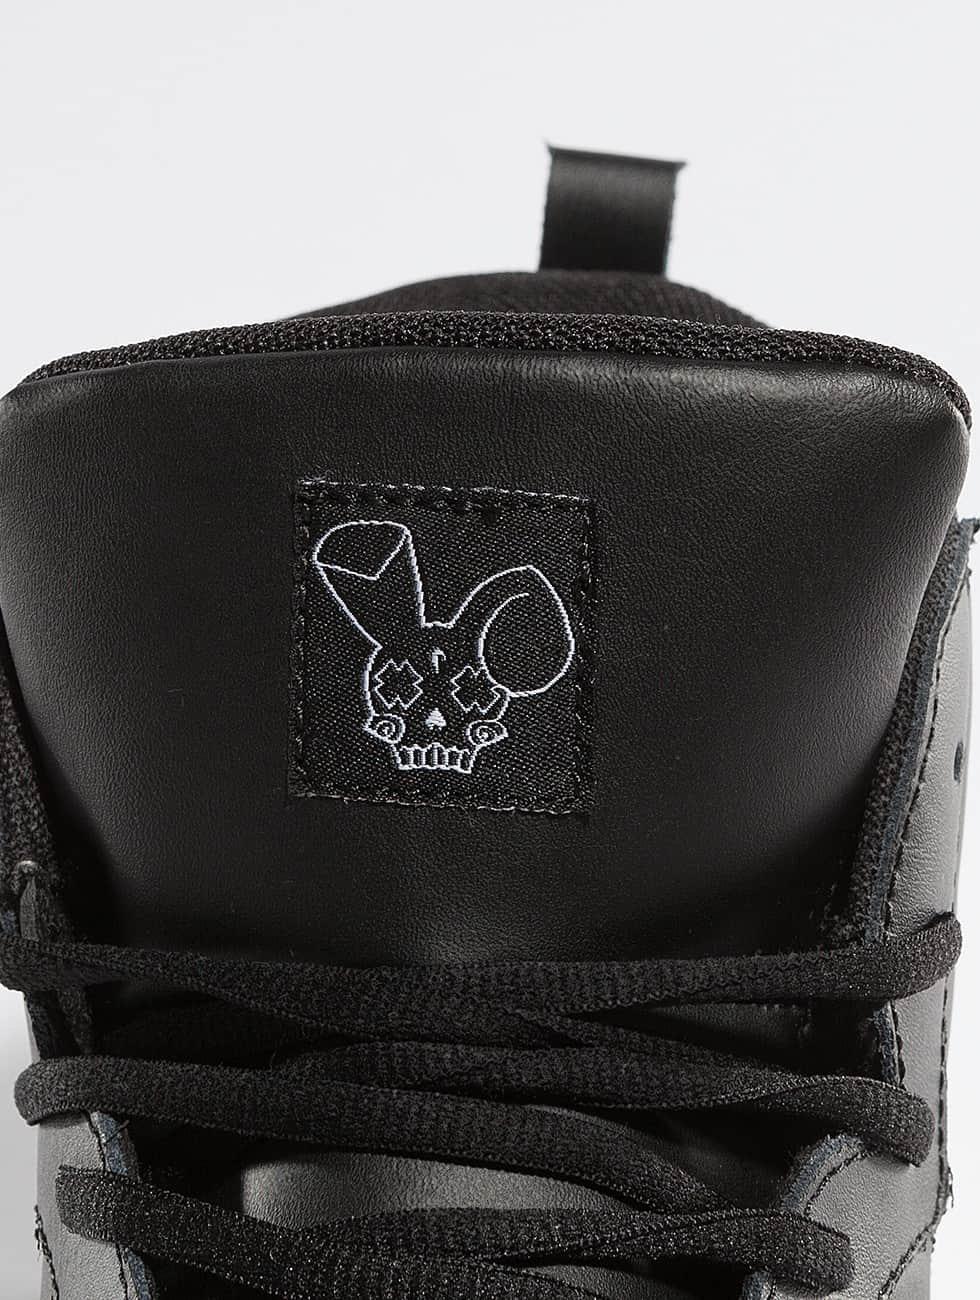 Who Shot Ya? schoen / sneaker Sultan High in zwart 325292 Goedkope Koop Comfortabele Goedkope Echte Authentieke Kopen Goedkoop Supply Goedkope Prijs VMbV8cwd